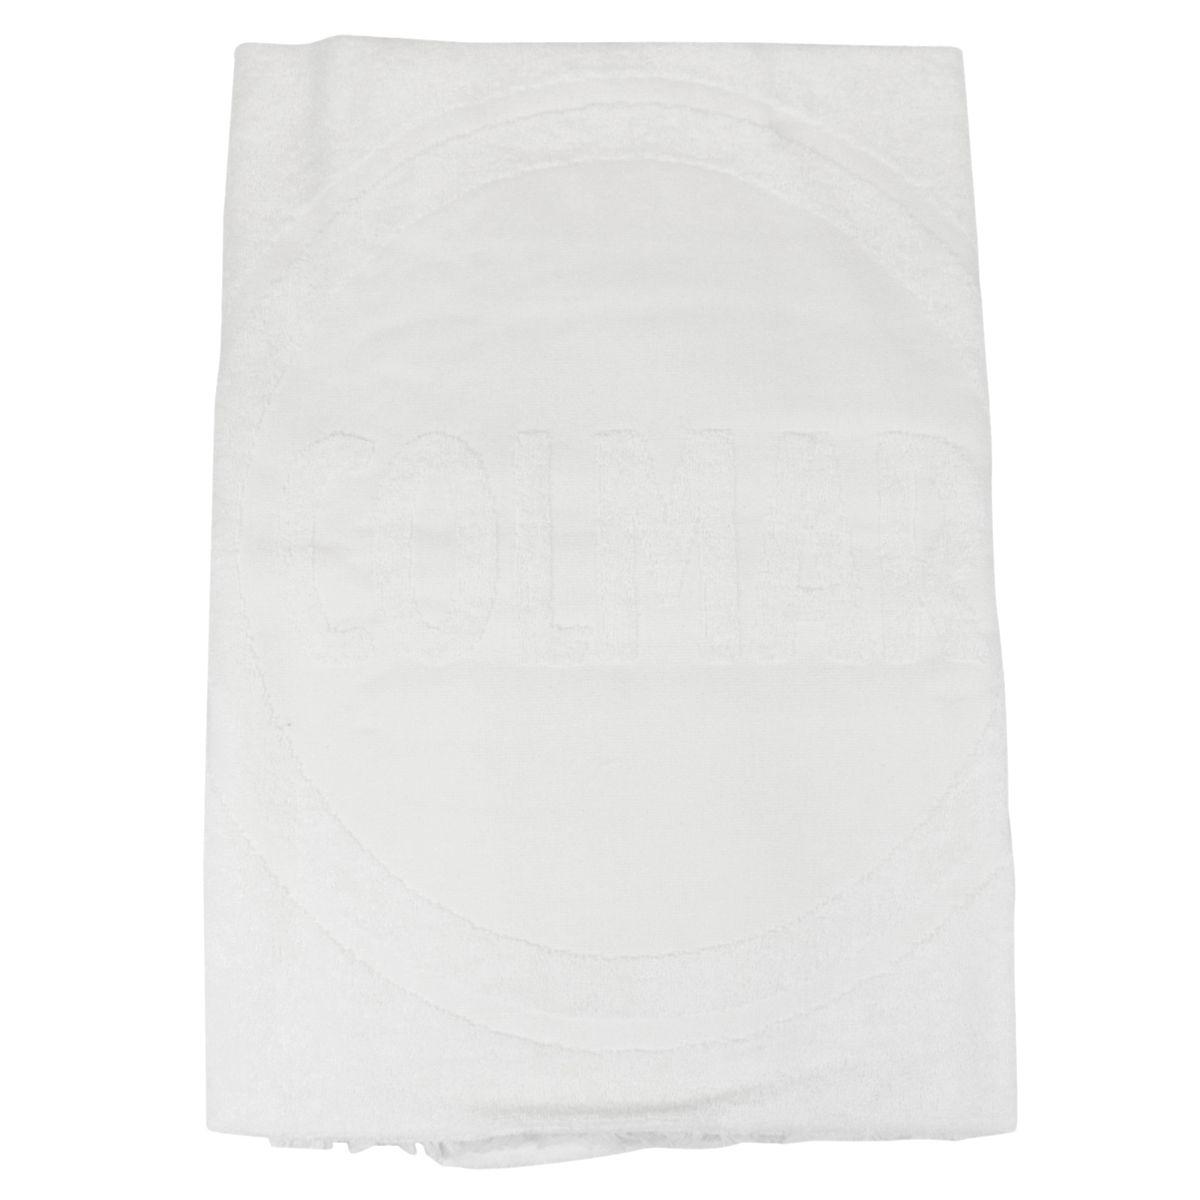 Cotton terry towel with maxi logo White Colmar